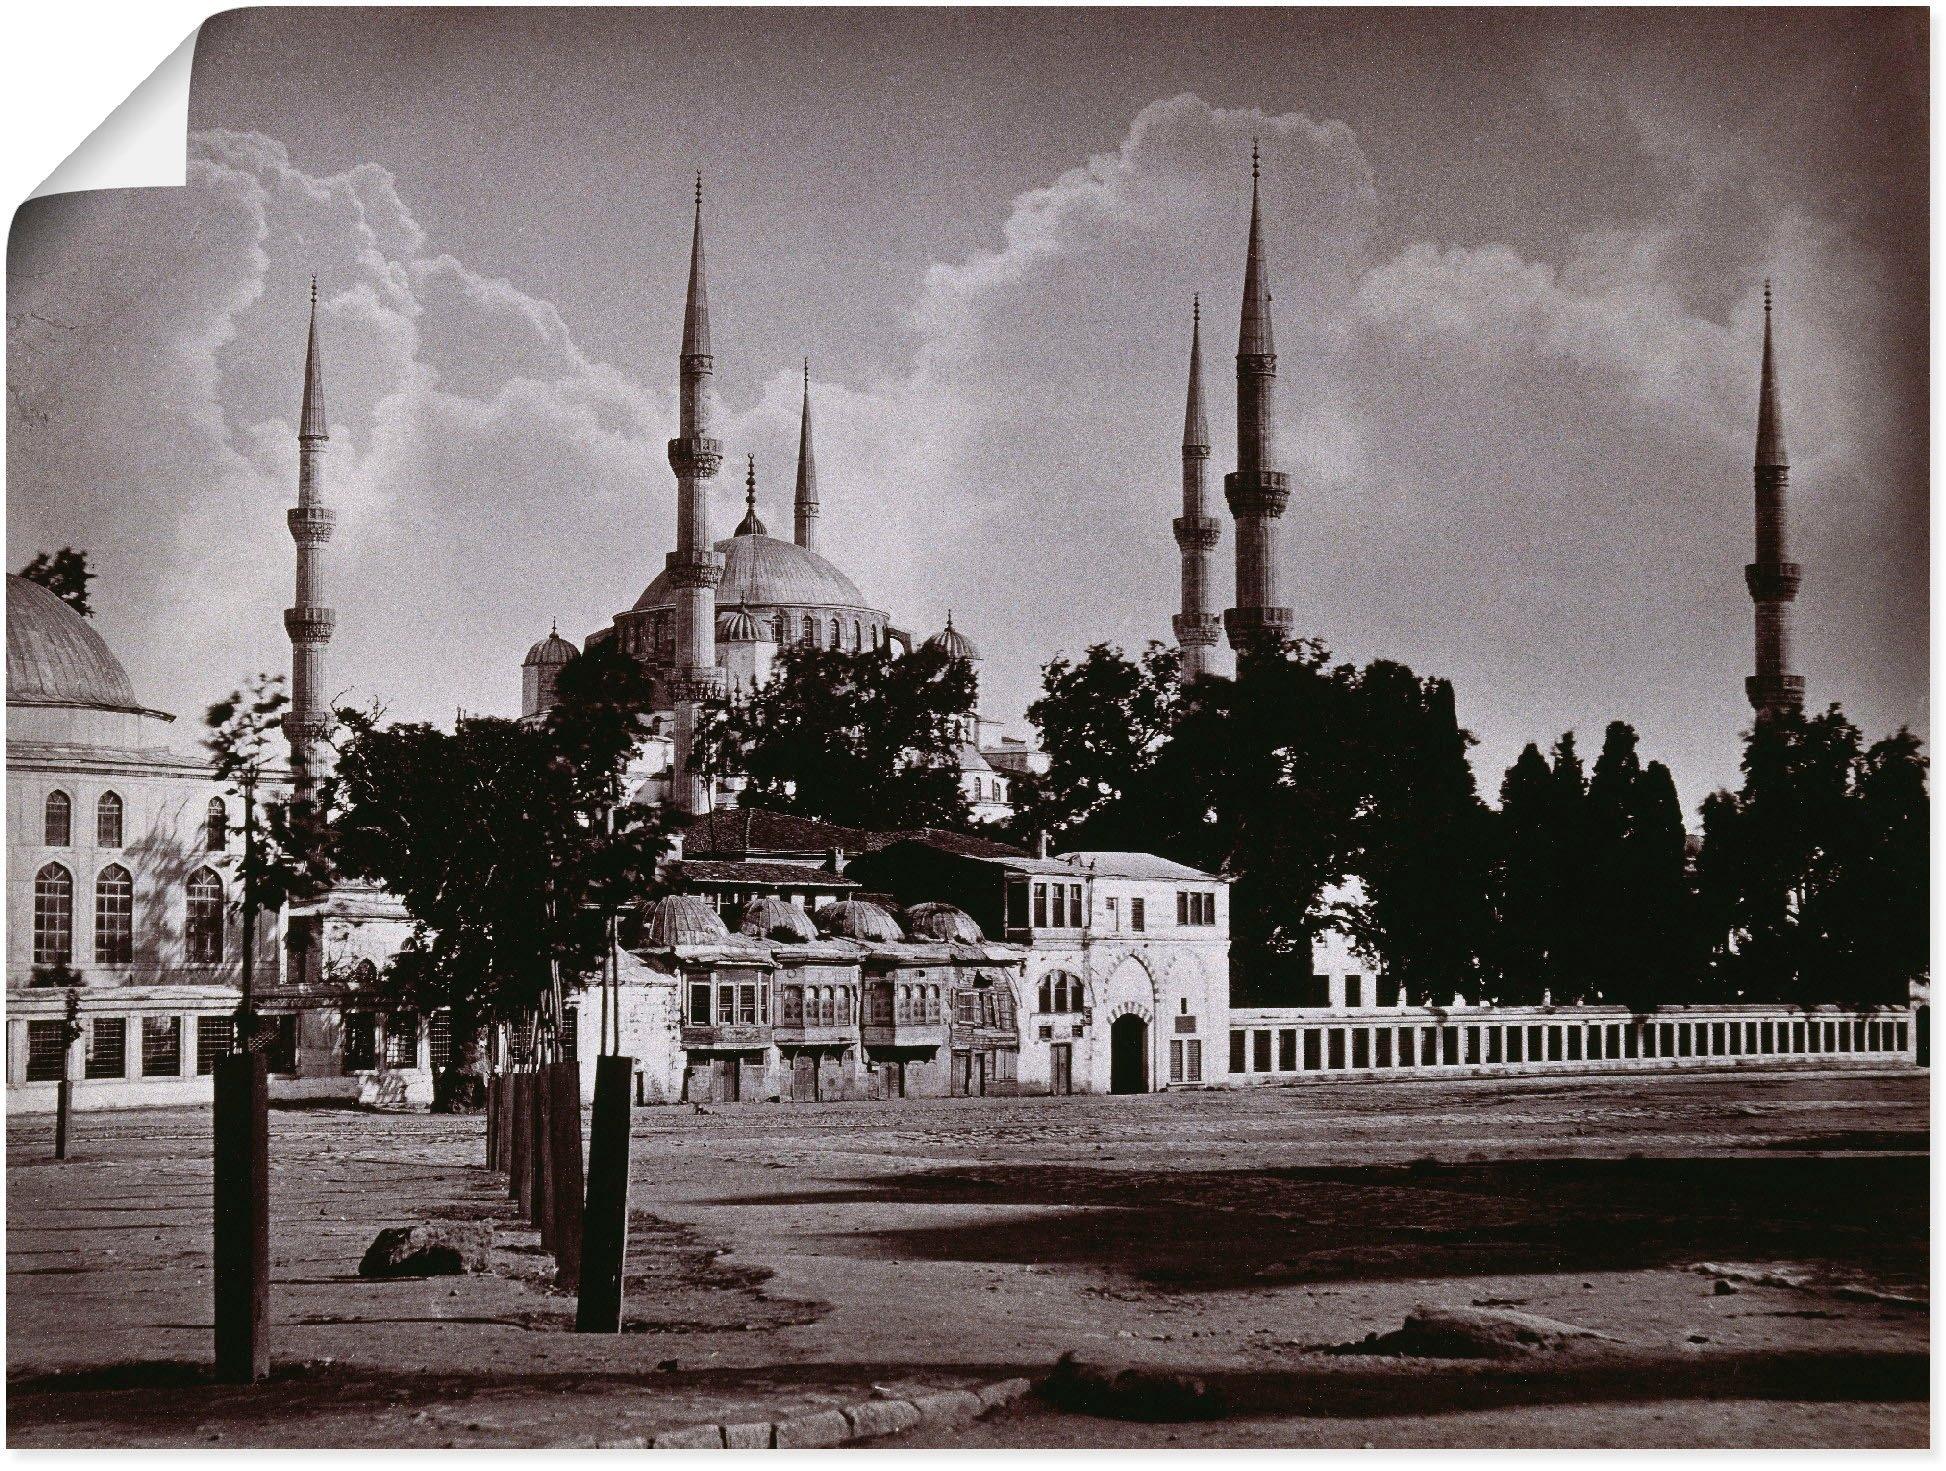 Artland artprint Constantinopel: Moskee Sultan Ahmed I. in vele afmetingen & productsoorten -artprint op linnen, poster, muursticker / wandfolie ook geschikt voor de badkamer (1 stuk) in de webshop van OTTO kopen